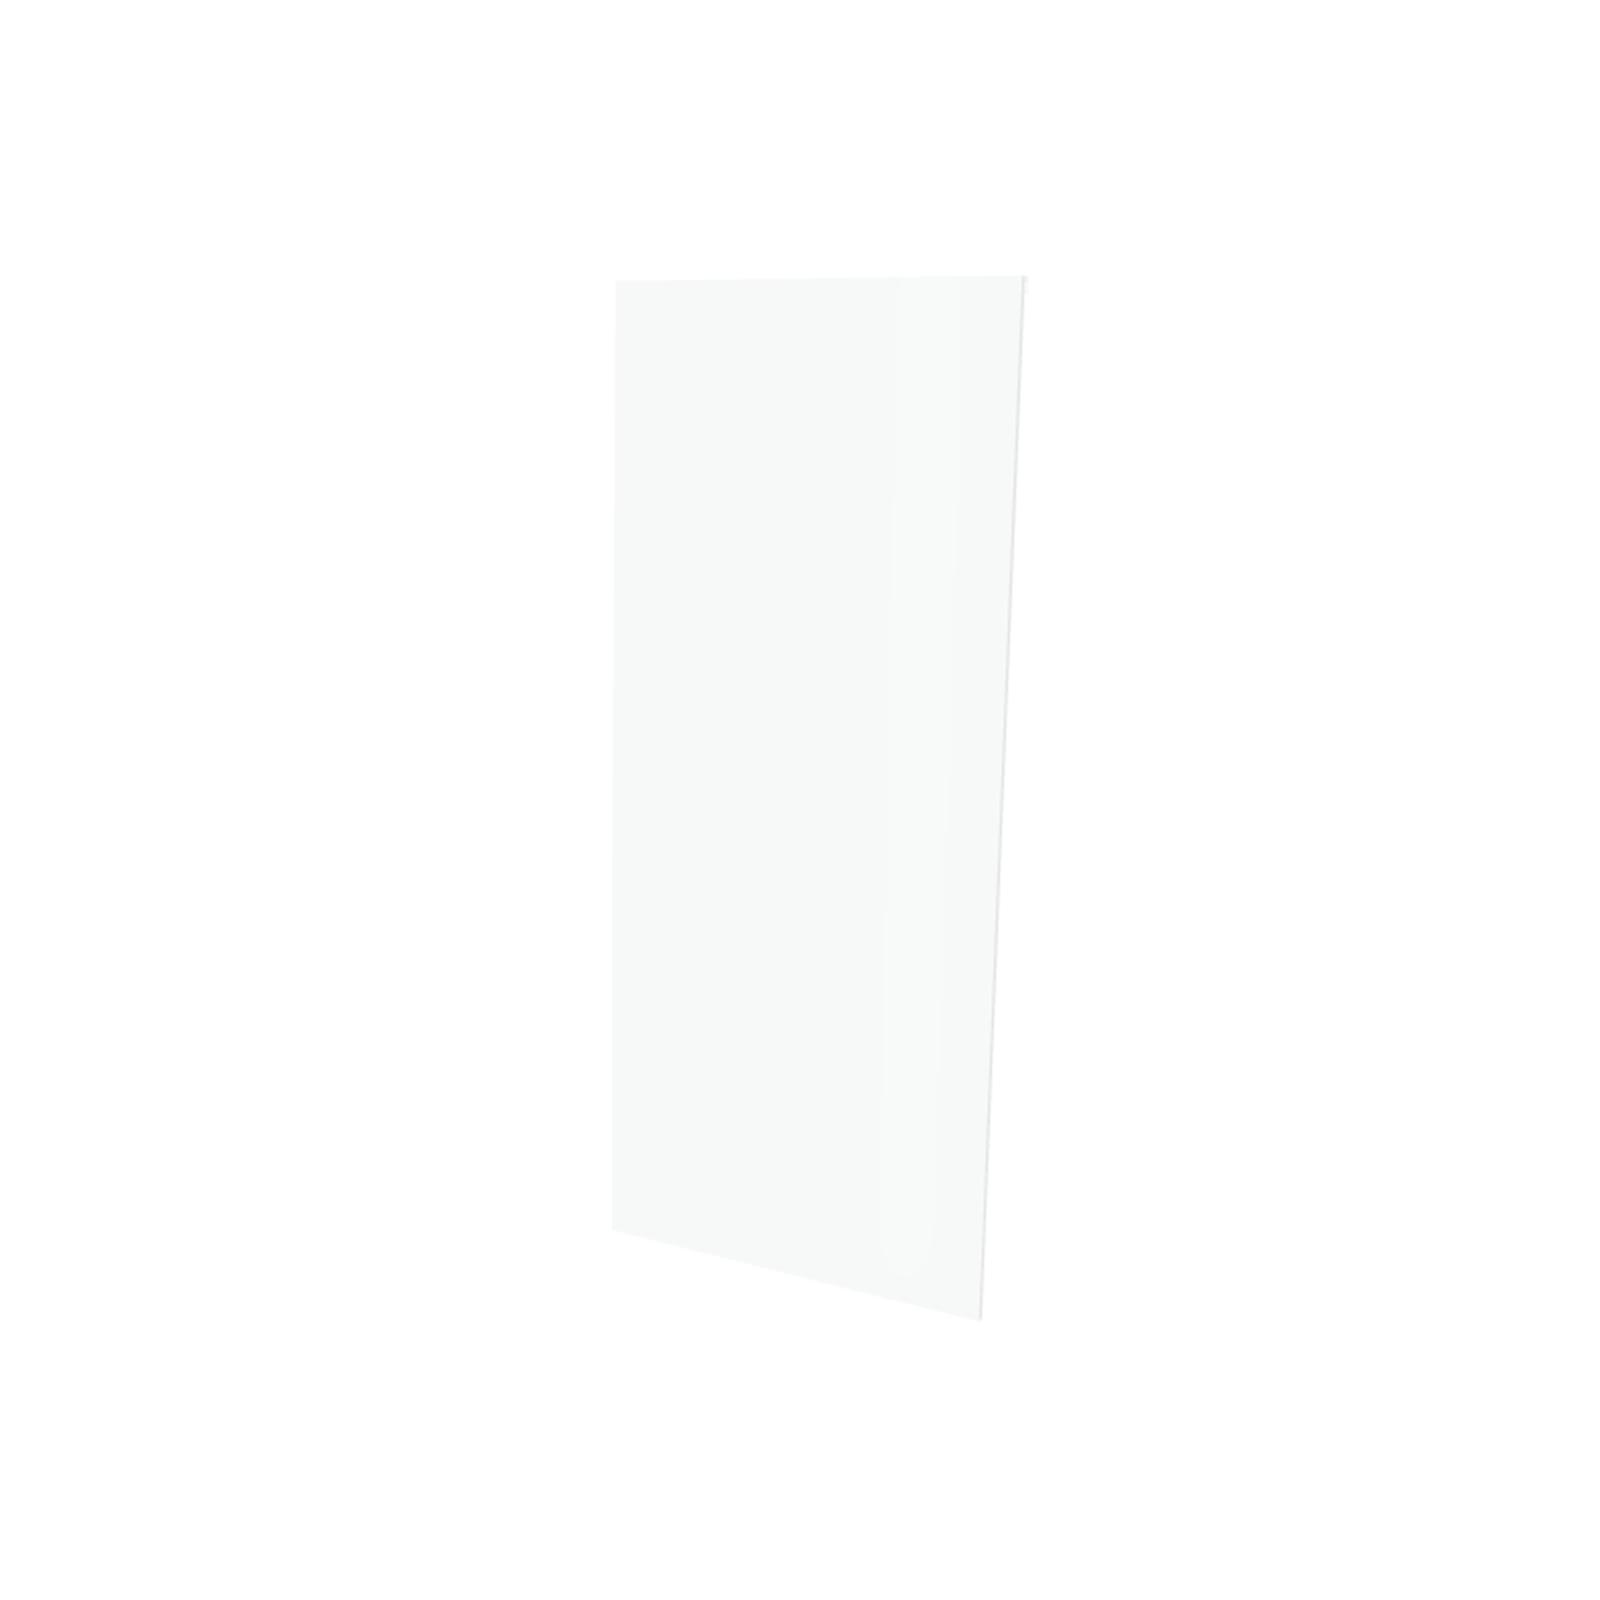 Vistelle 2070 x 900 x 4mm Salt High Gloss Acrylic Bathroom Panel